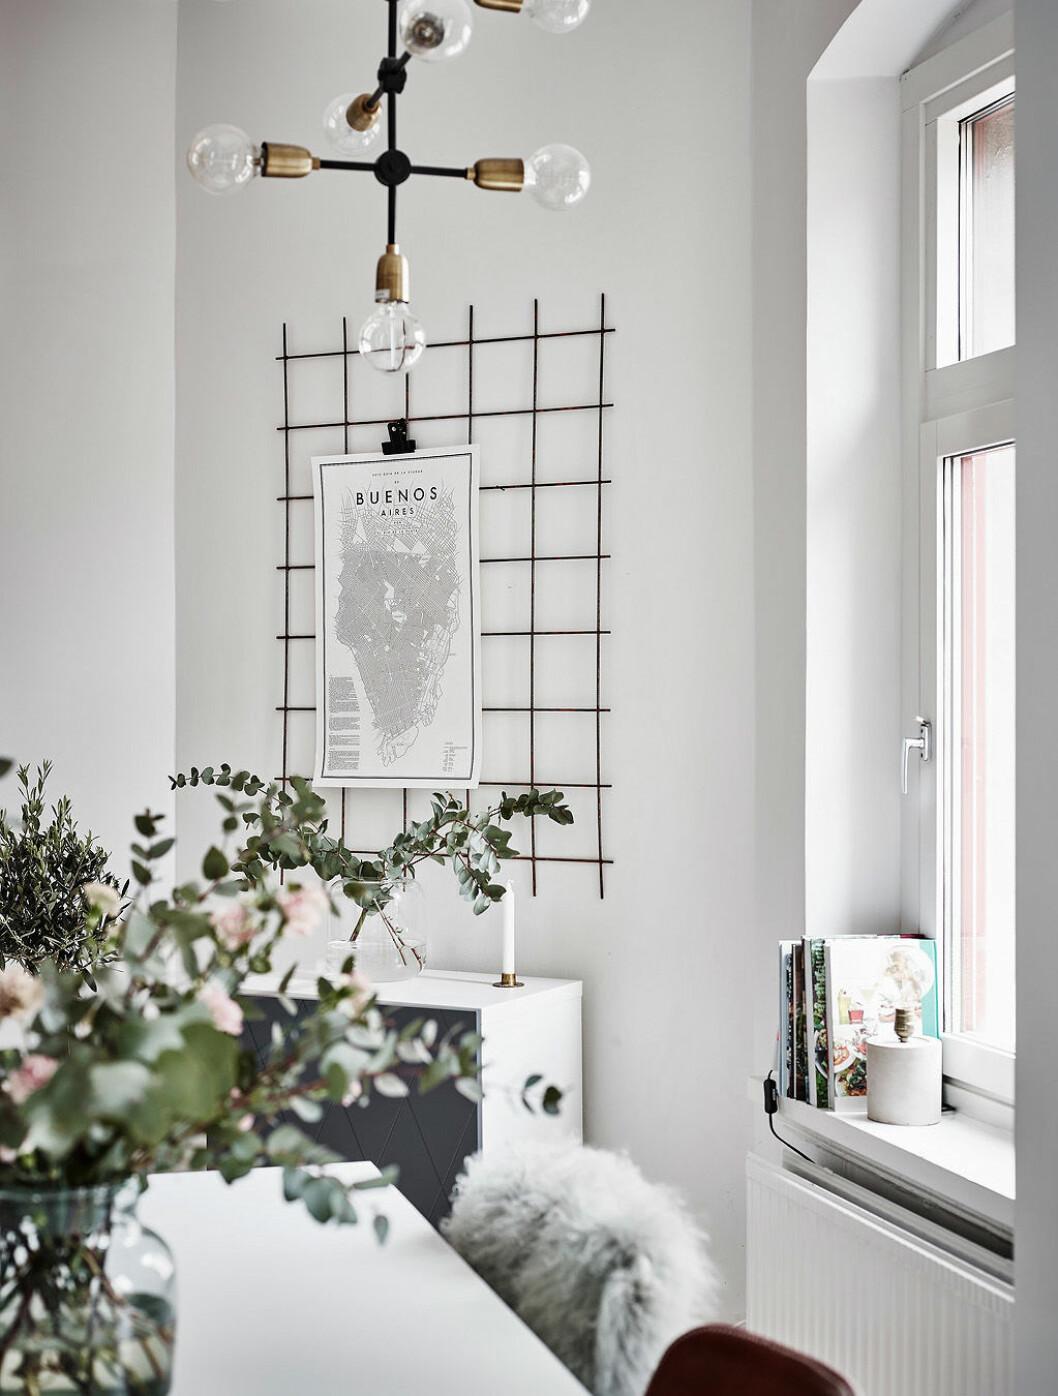 Fotoförvaring på vägg